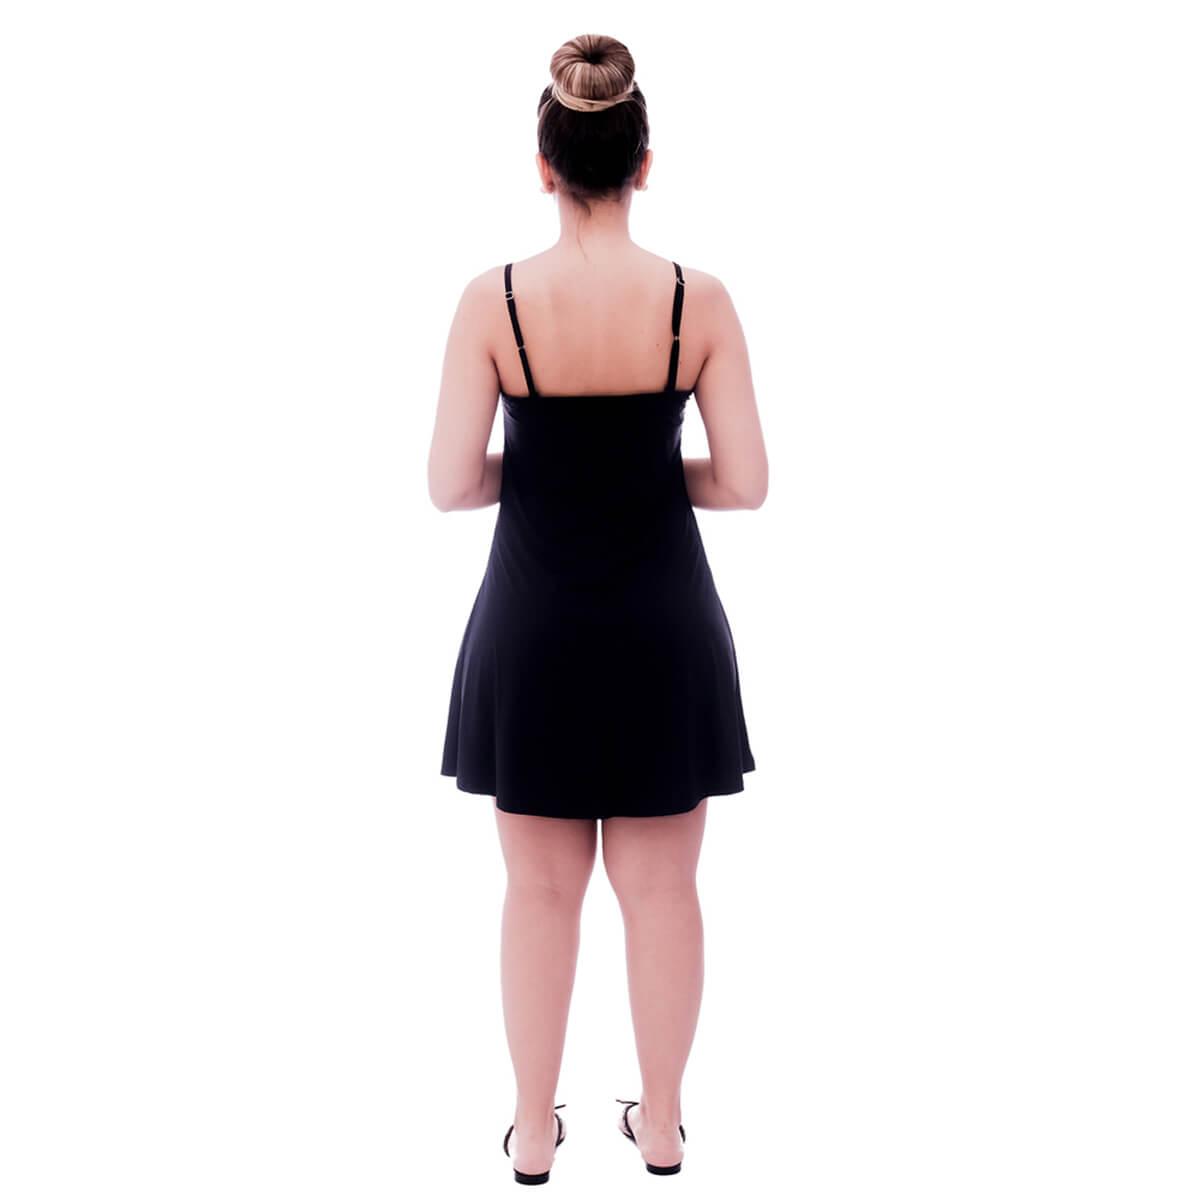 Camisola Feminina de Alça Fina Preta com Renda Guipir Branca no Decote